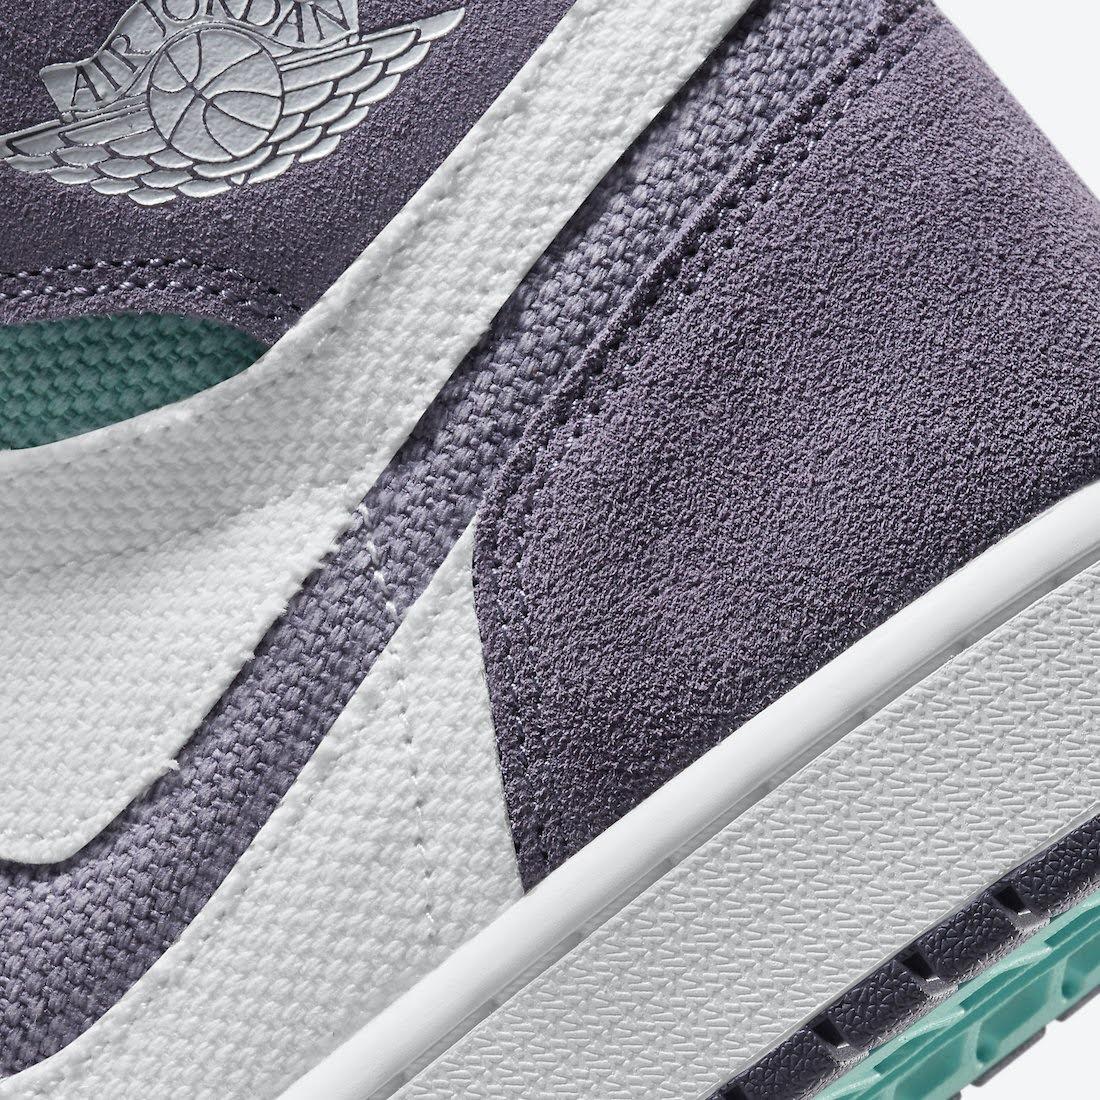 """ナイキ エア ジョーダン 1 ズーム コンフォート """"トロピカル ツイスト"""" Nike-Air-Jordan-1-Zoom-Comfort-Tropical-Twist-CT0978-150-side-heel-closeup"""